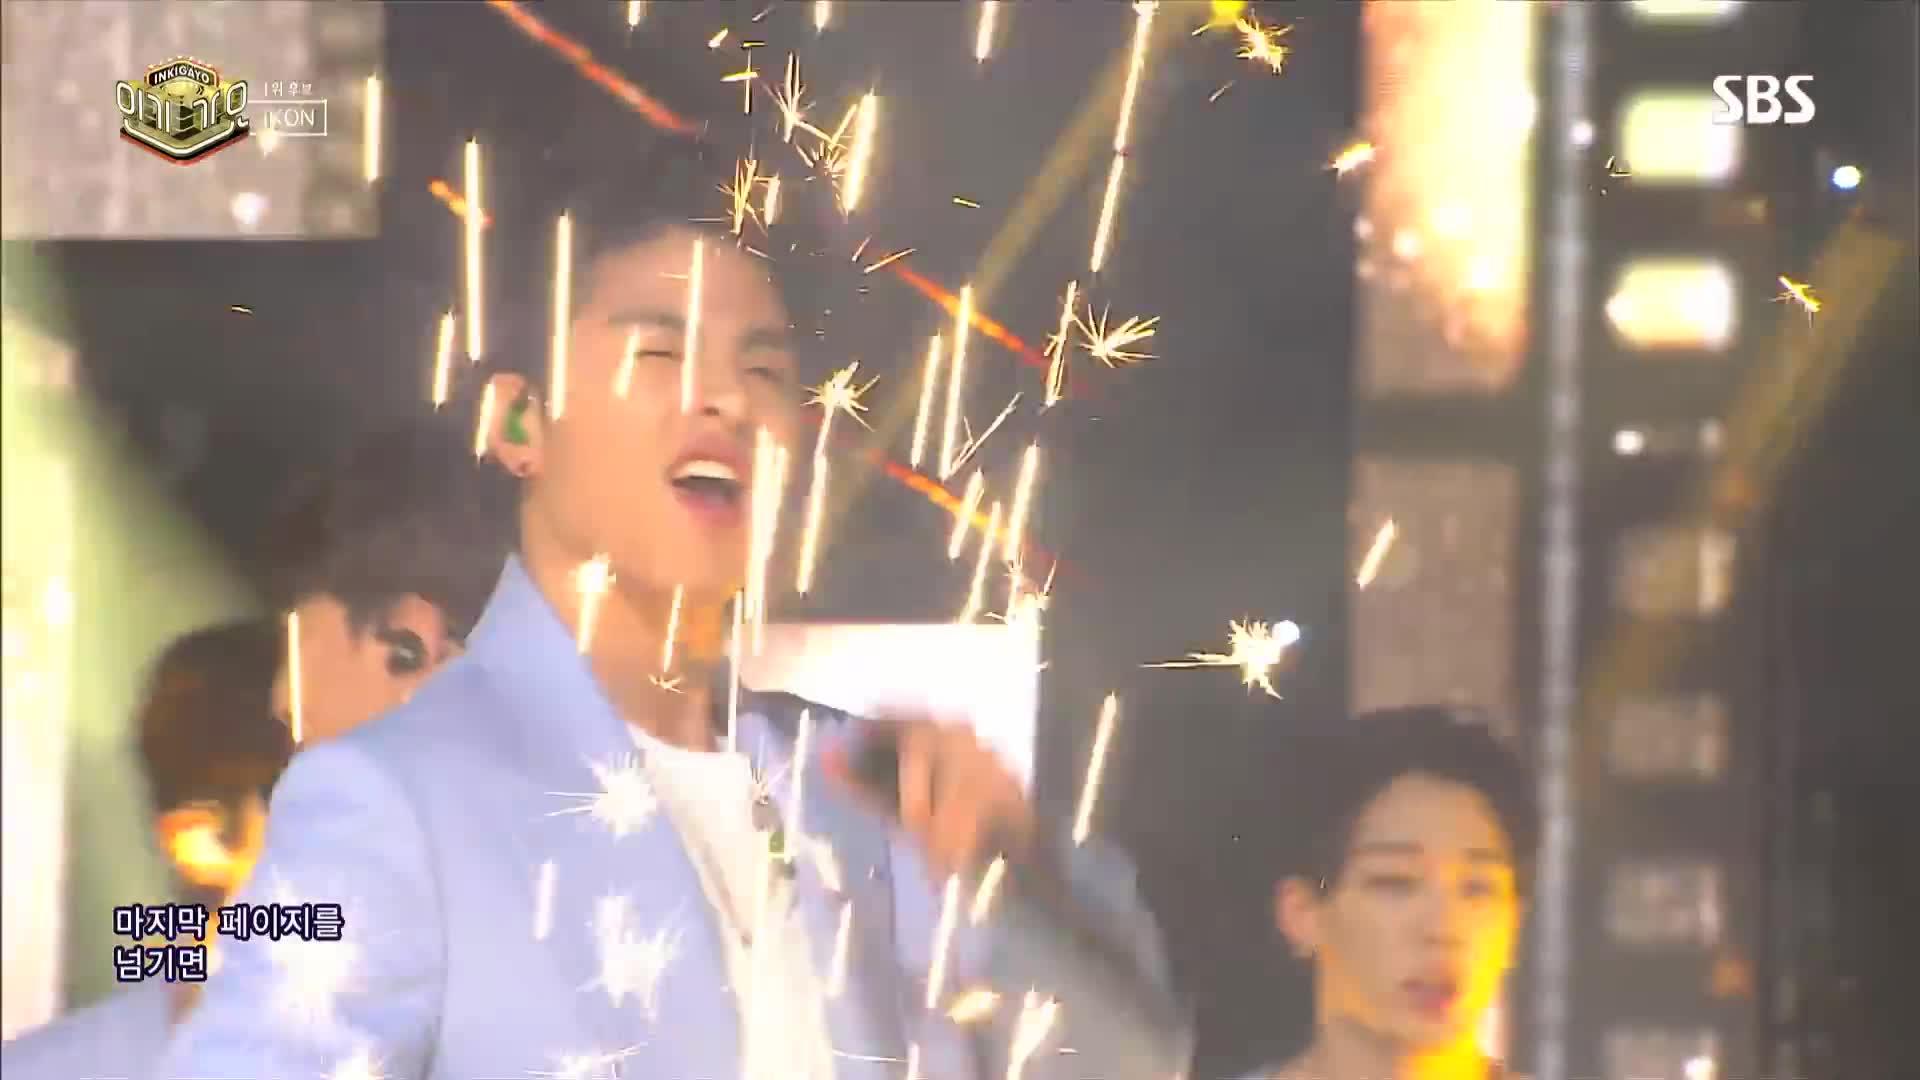 Pháo hoa bất ngờ bắn vào… cổ họng, thành viên iKON vẫn bình thản hát hết bài